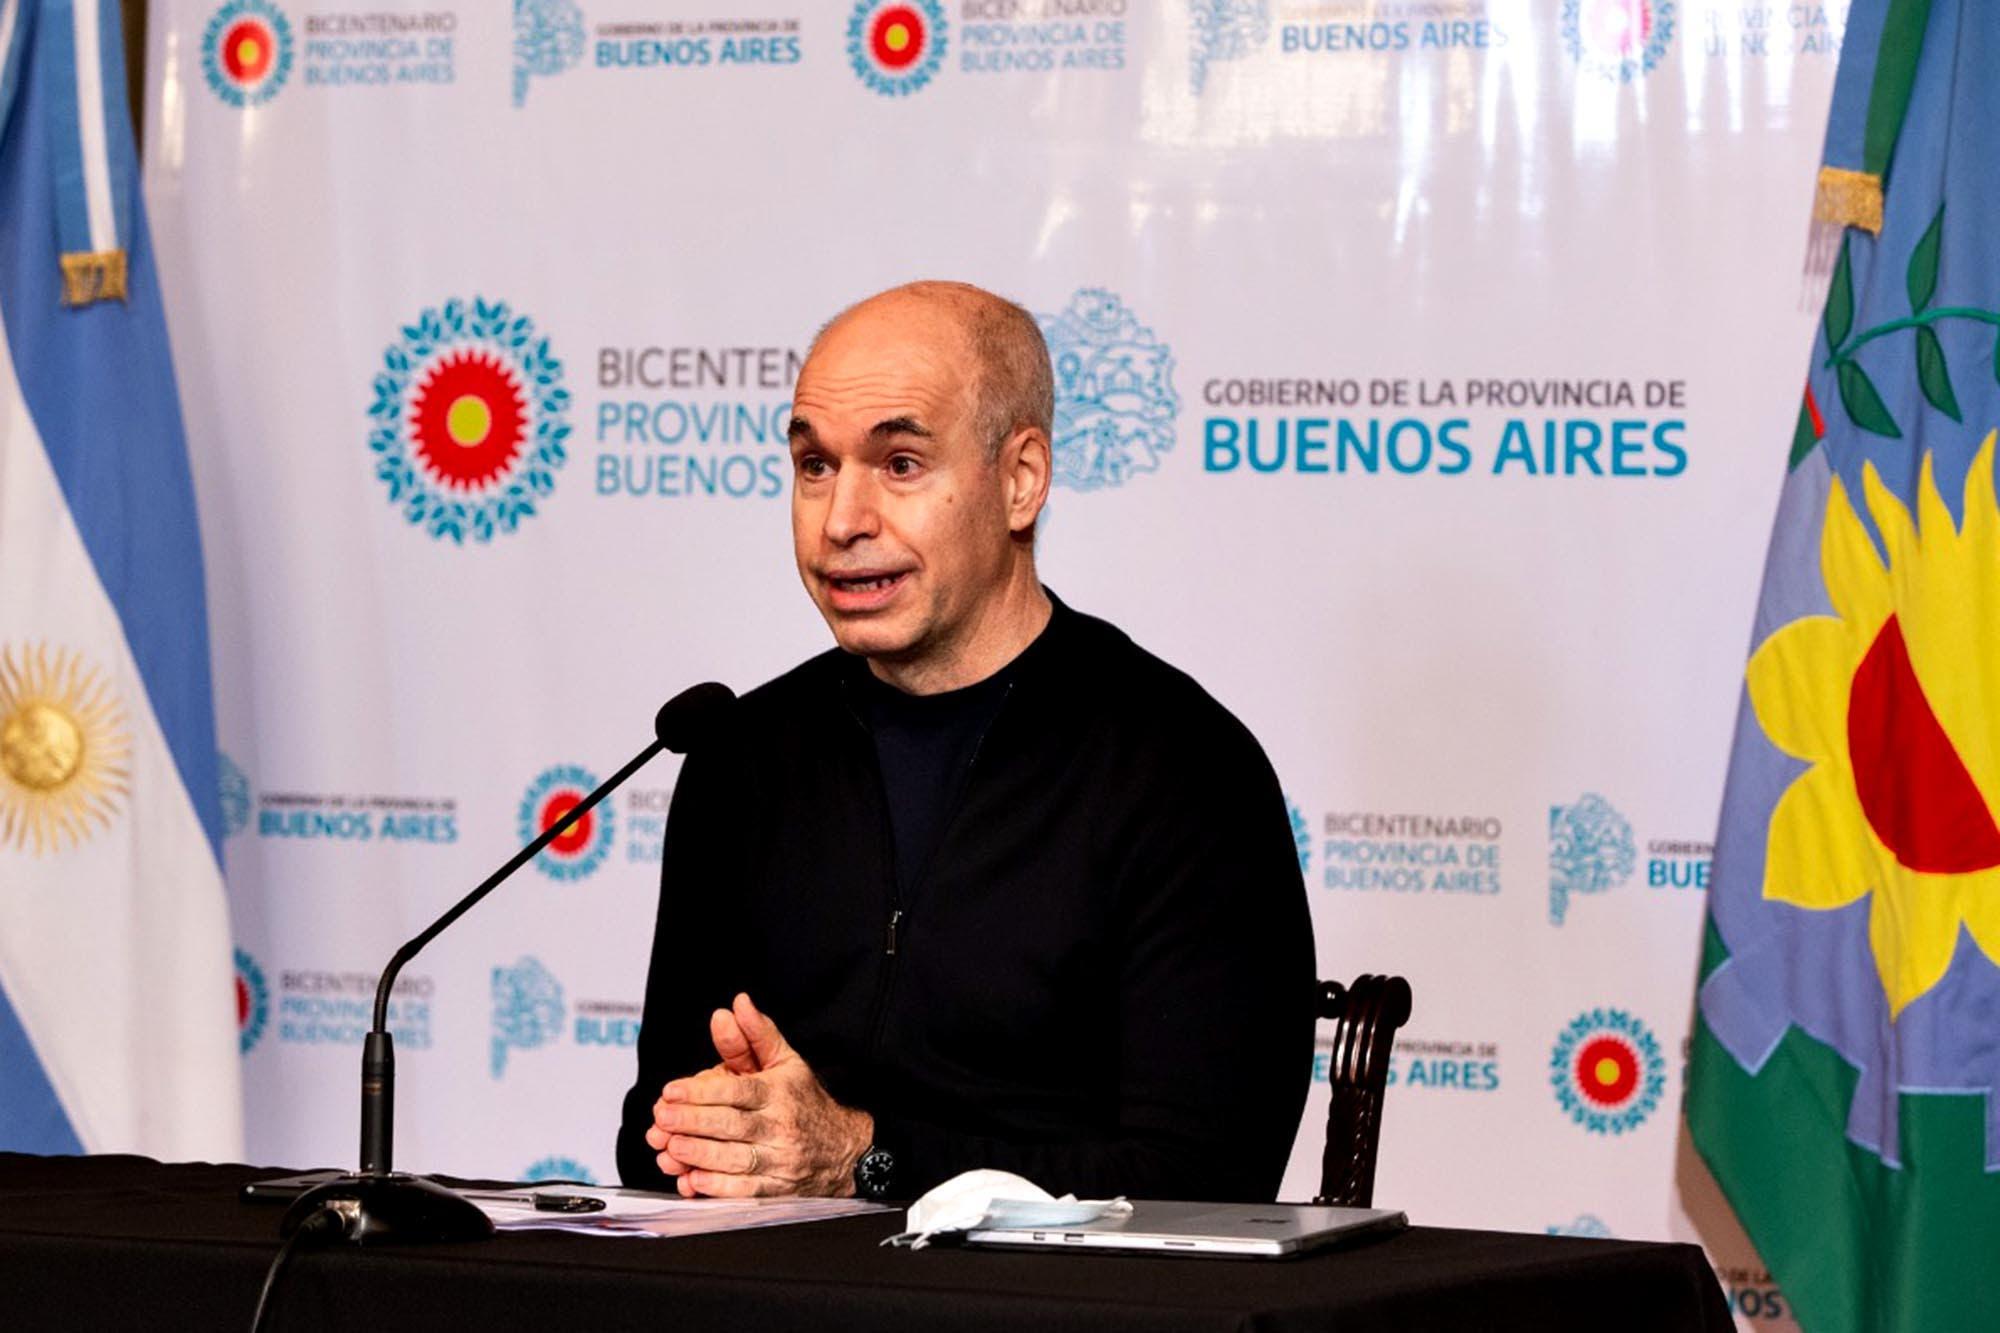 Cuarentena en Argentina: ante el aumento de casos, Larreta y Kicillof analizaron aplicar más restricciones